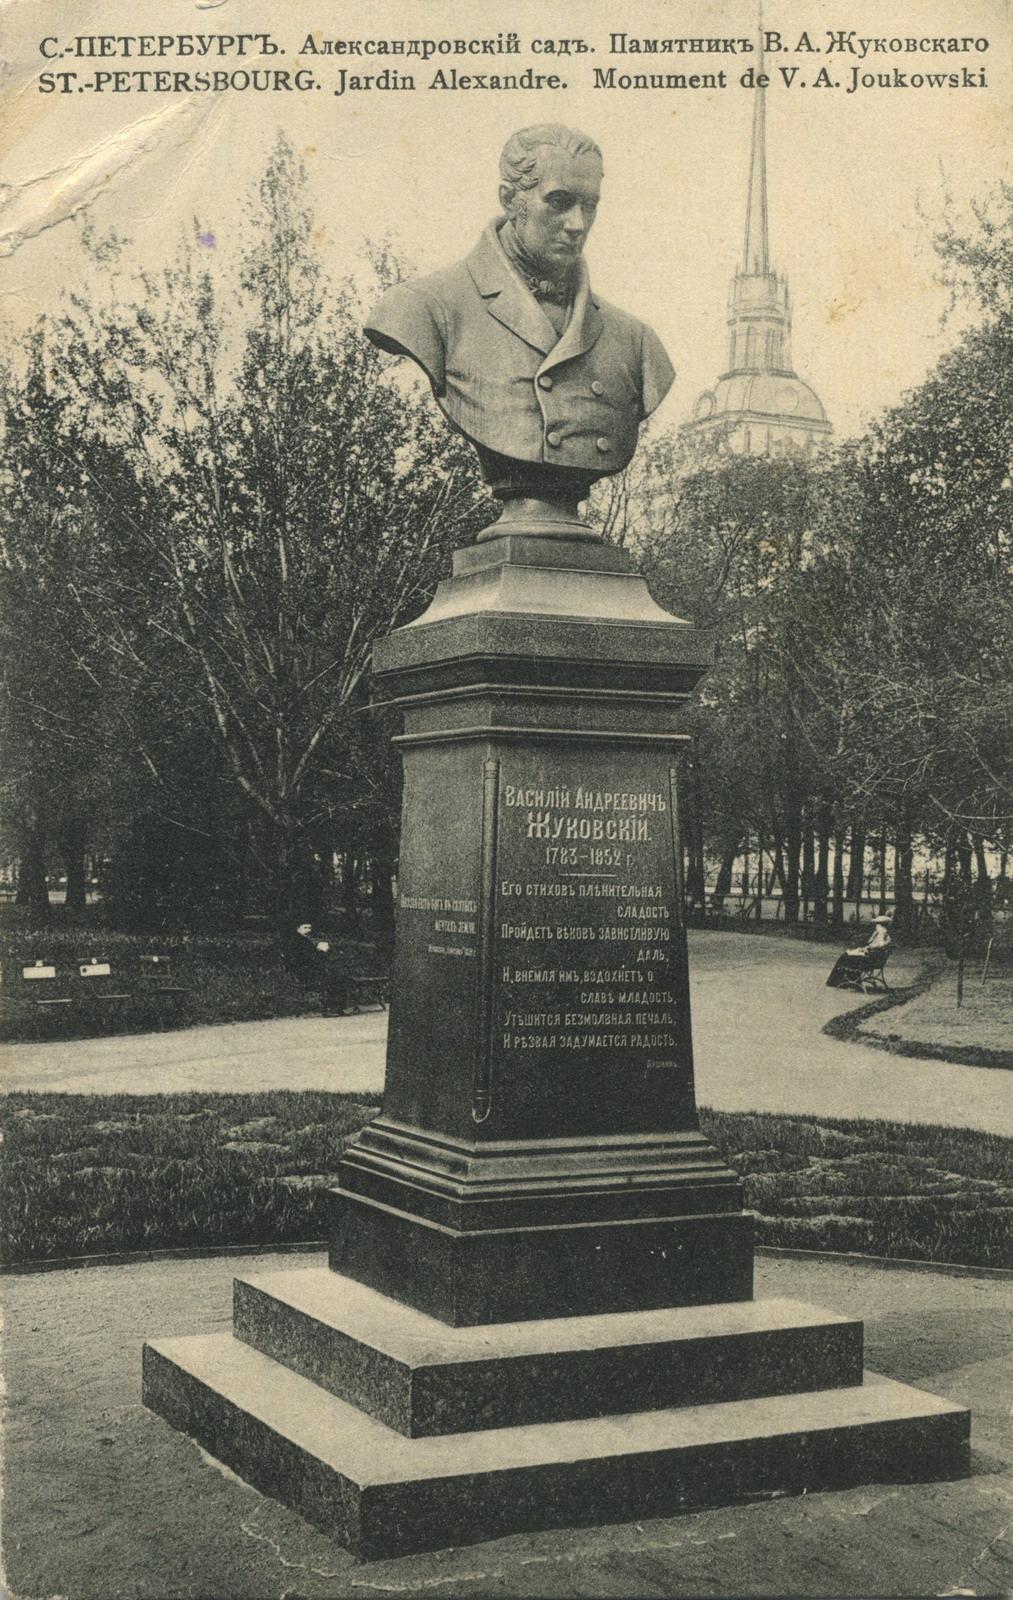 Александровский сад. Памятник В.А.Жуковского